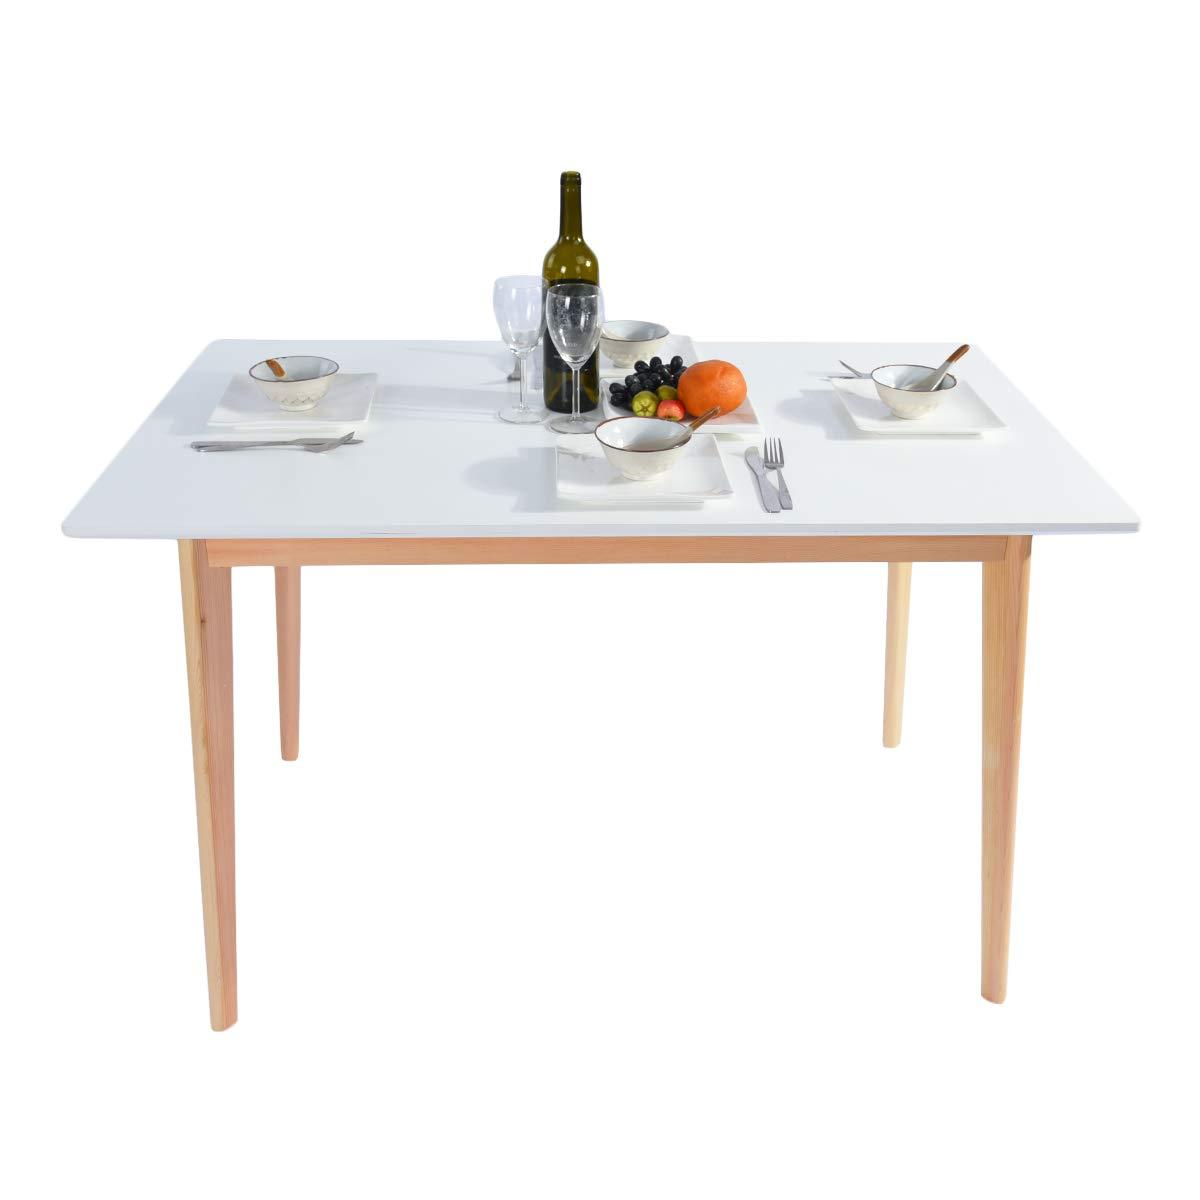 Furniture-R - Mesa de Comedor Estilo escandinavo, Color Blanco ...